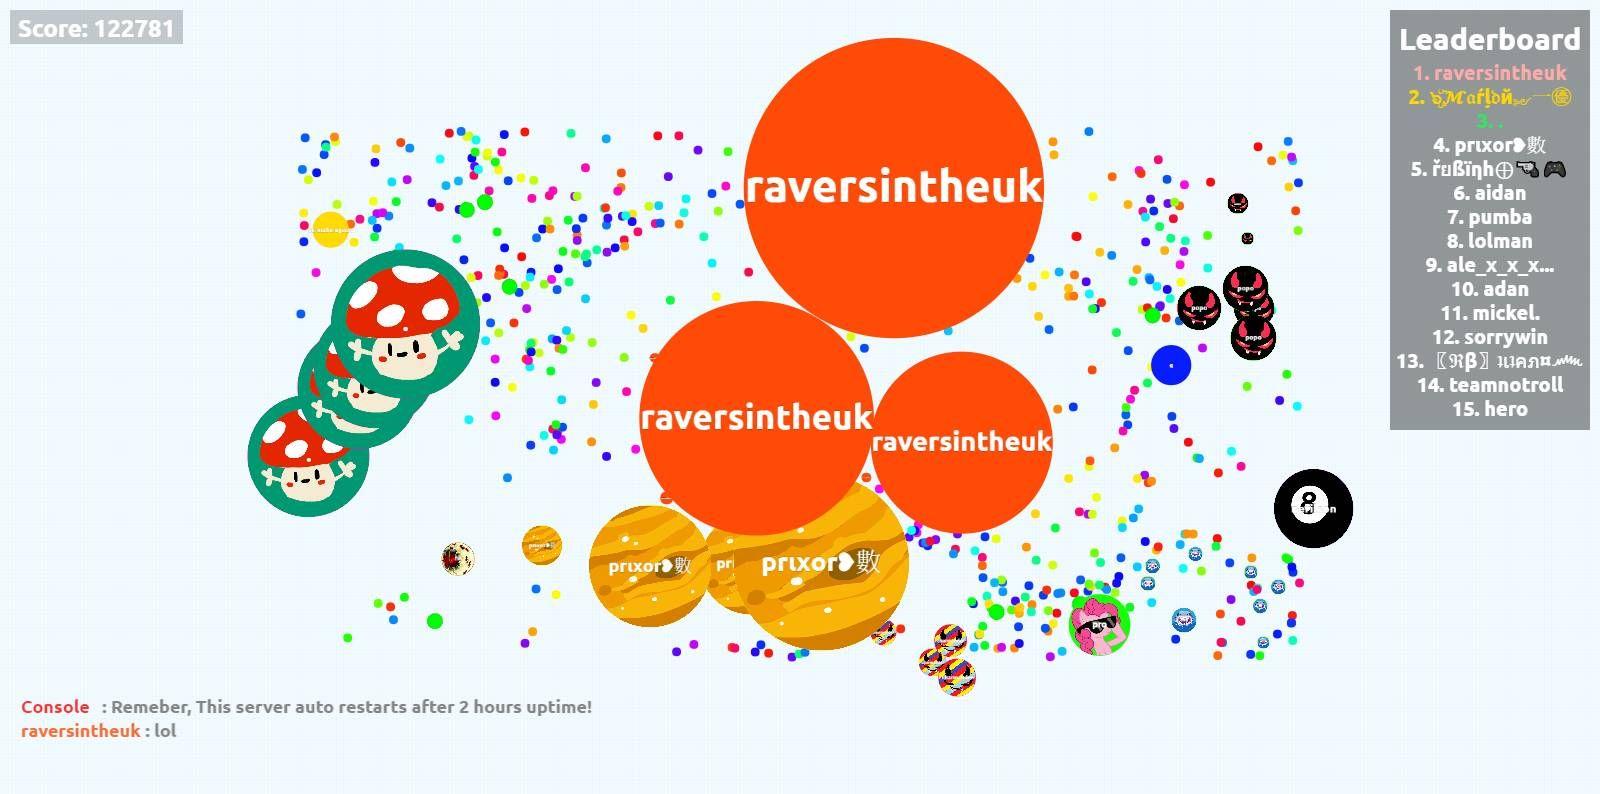 Raversintheuk Biggest Cell Ever Agar Io 122781 Mass Player